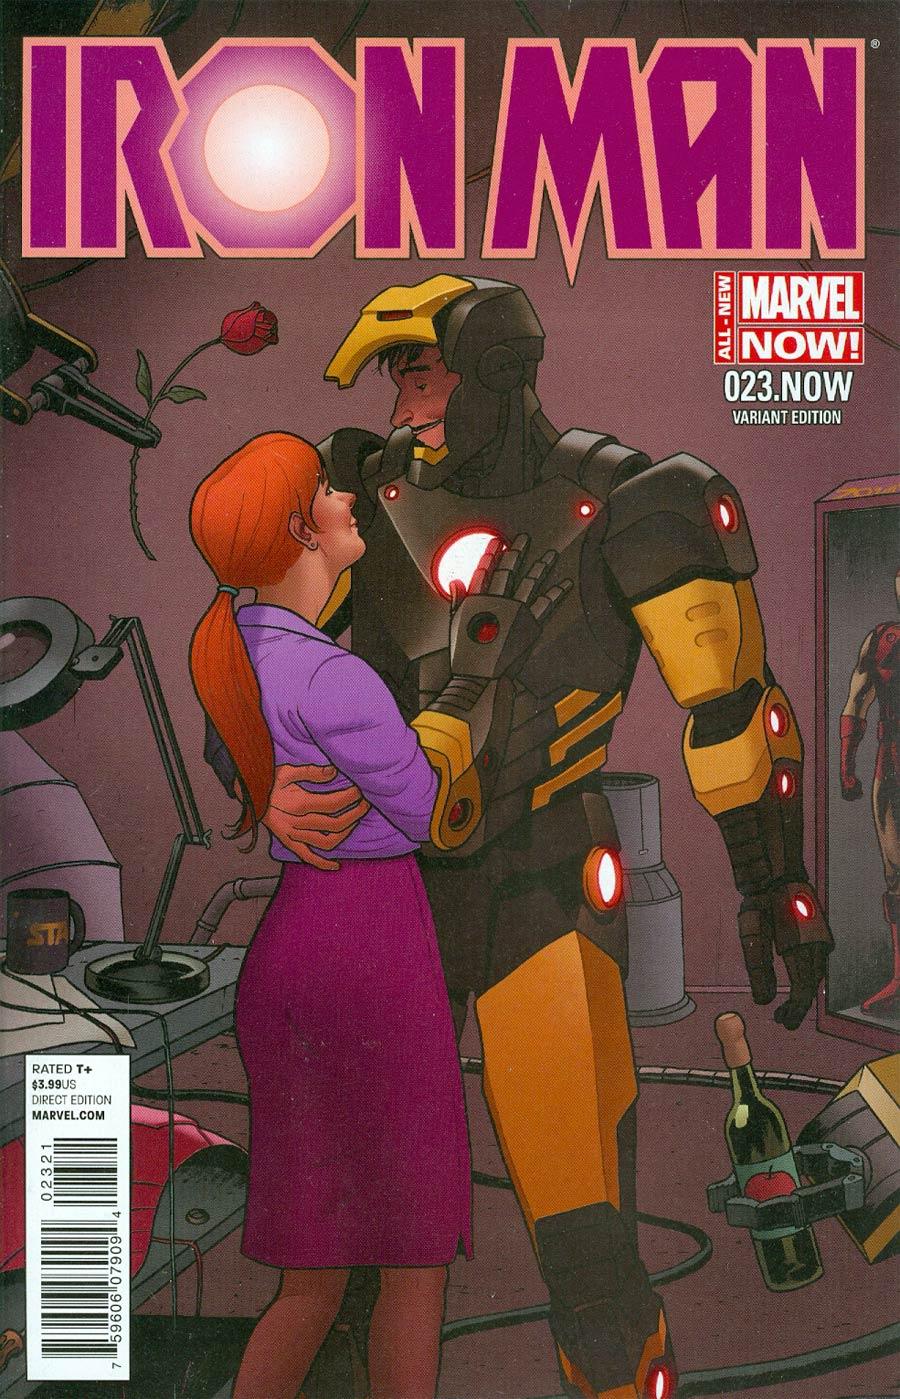 Iron Man Vol 5 #23.NOW Cover D Incentive Joe Quinones Variant Cover